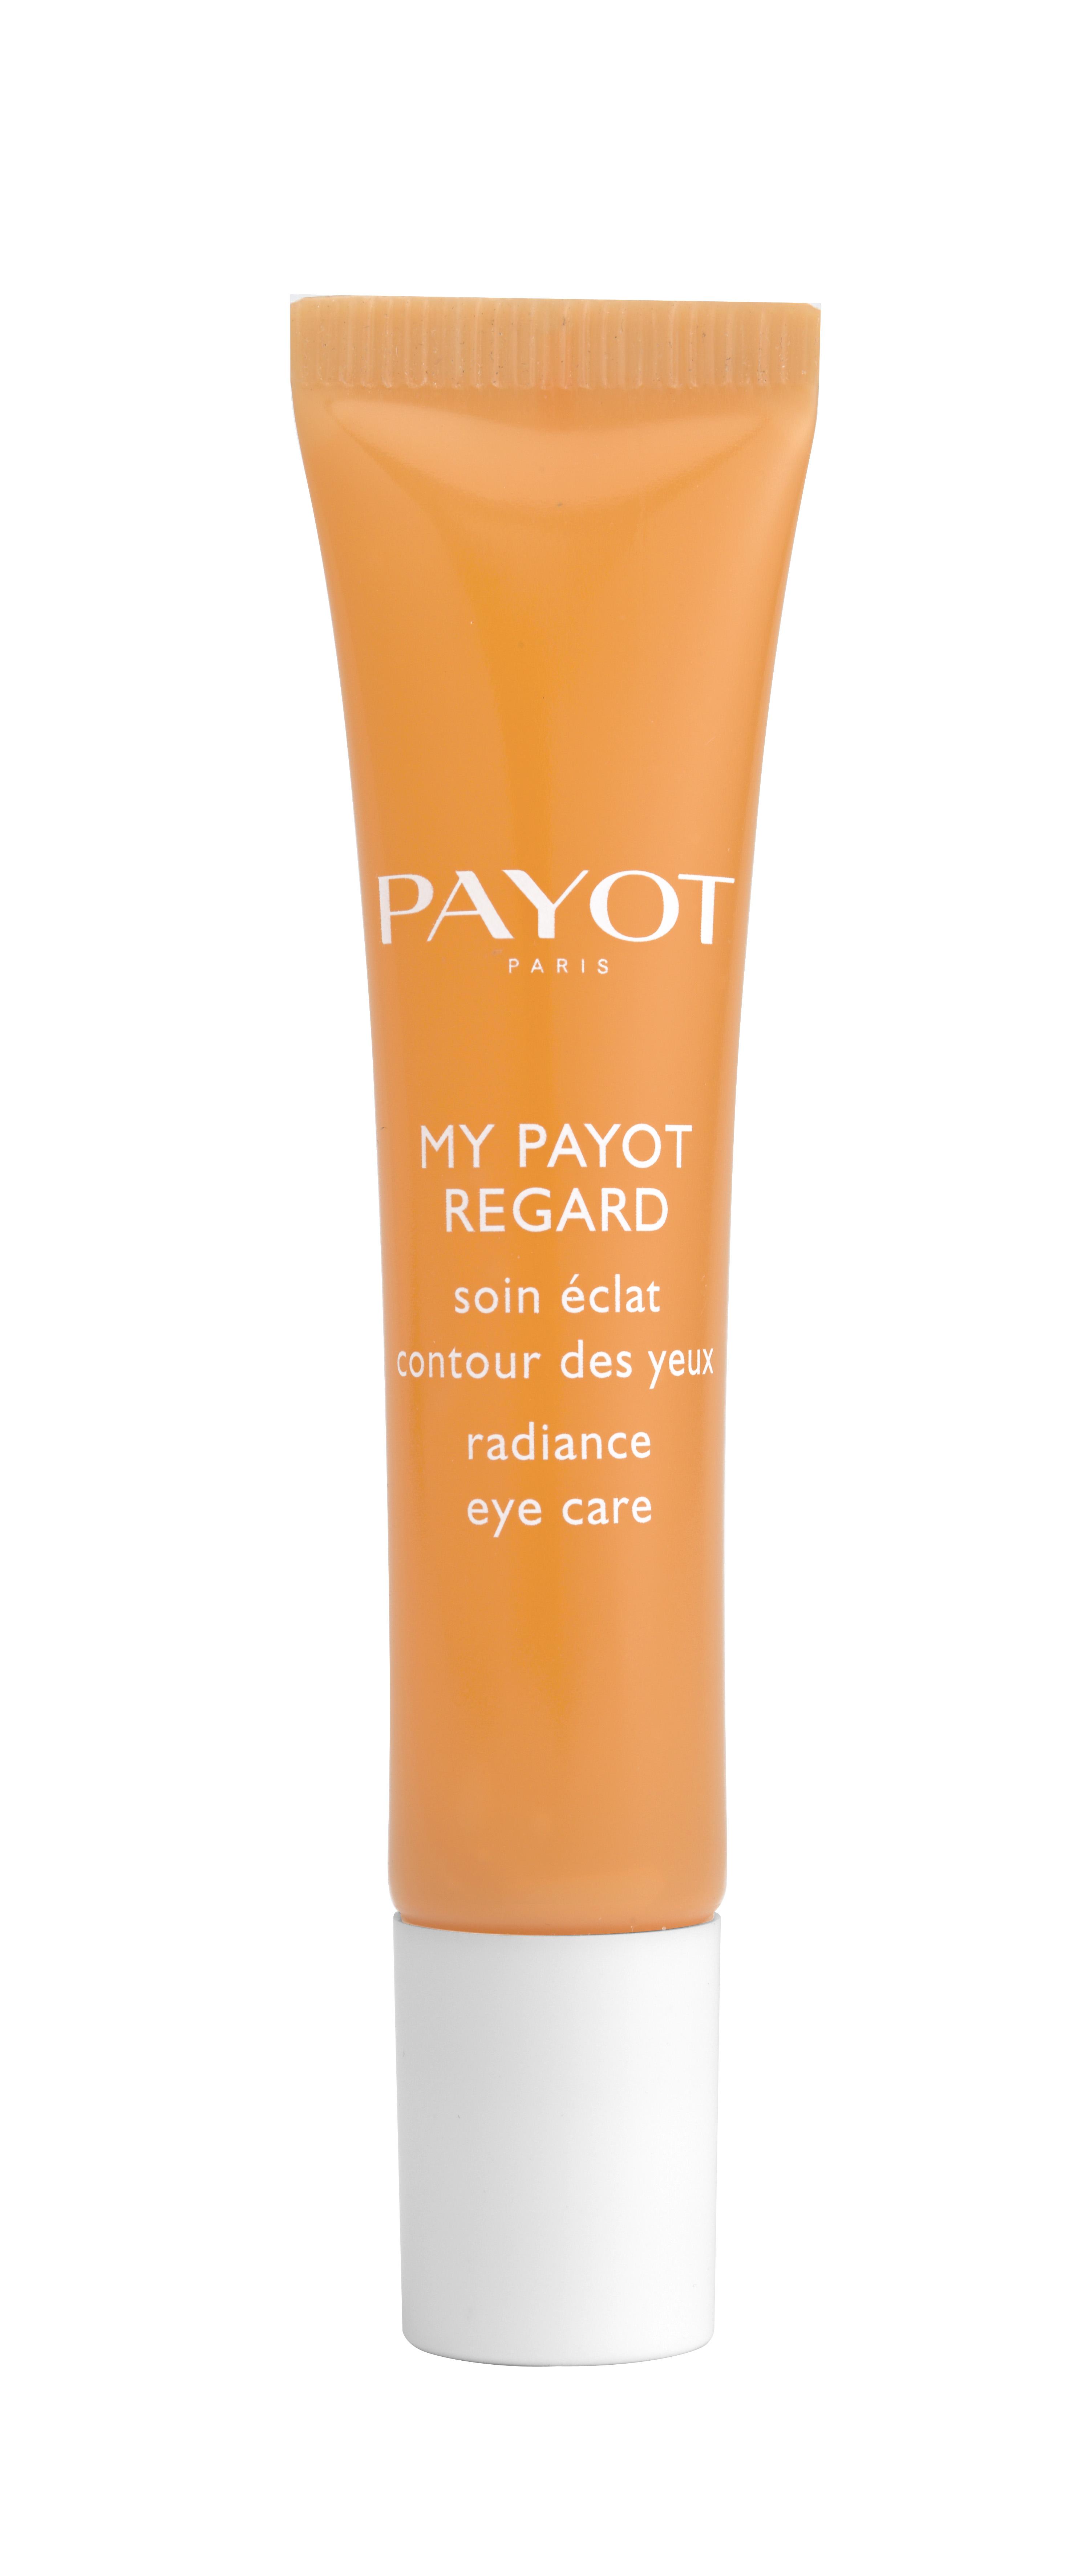 PAYOT Средство для ухода за кожей вокруг глаз с активными растительными экстрактами / MY PAYOT 15 мл